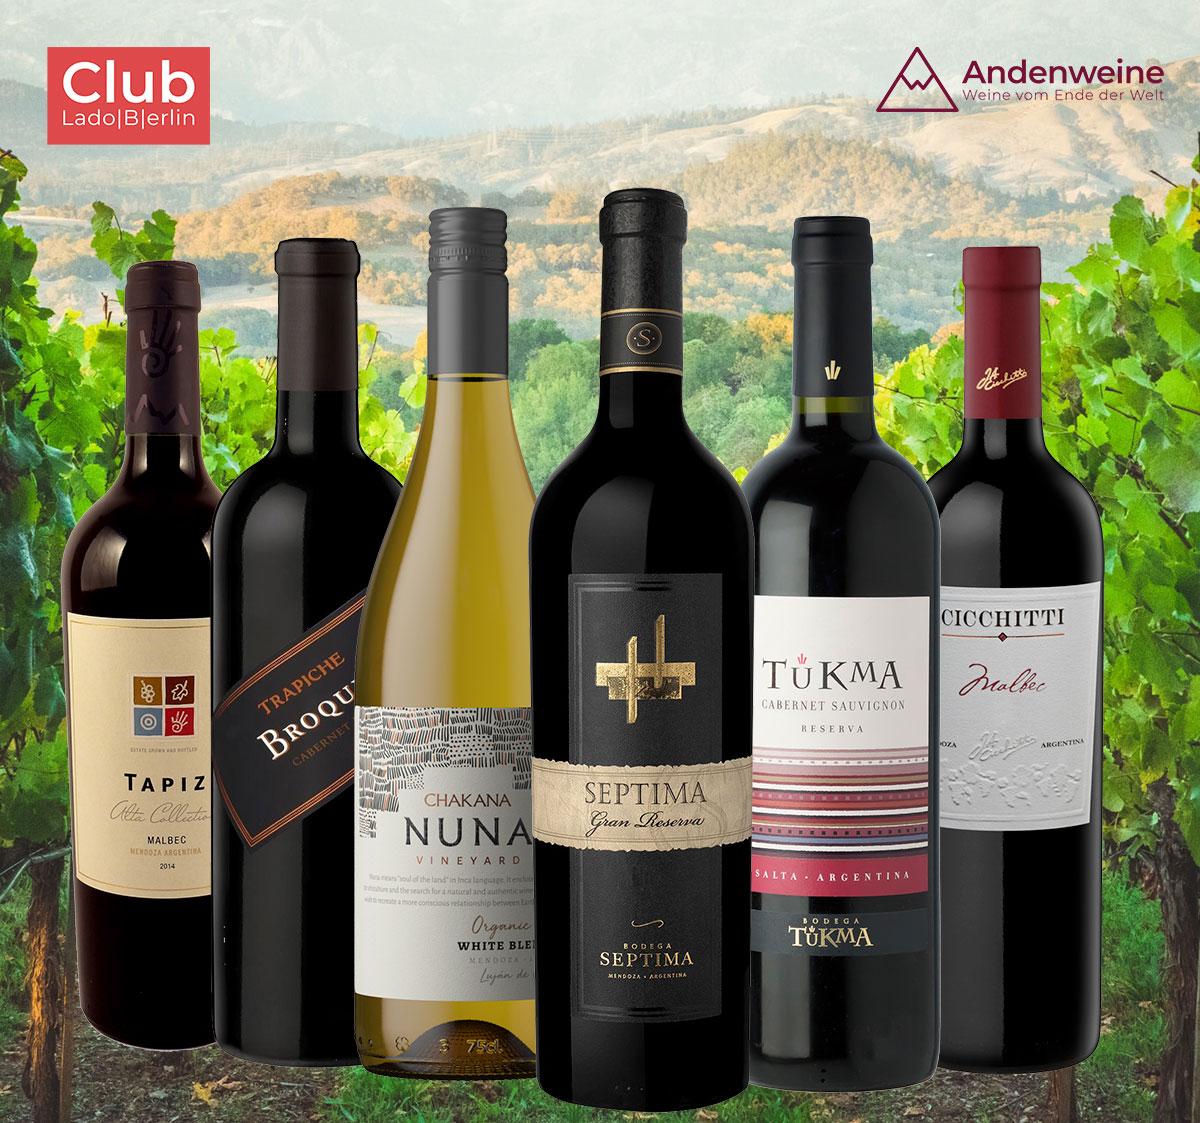 Exklusives Weinpaket für Mitglieder des Club Lado Berlin